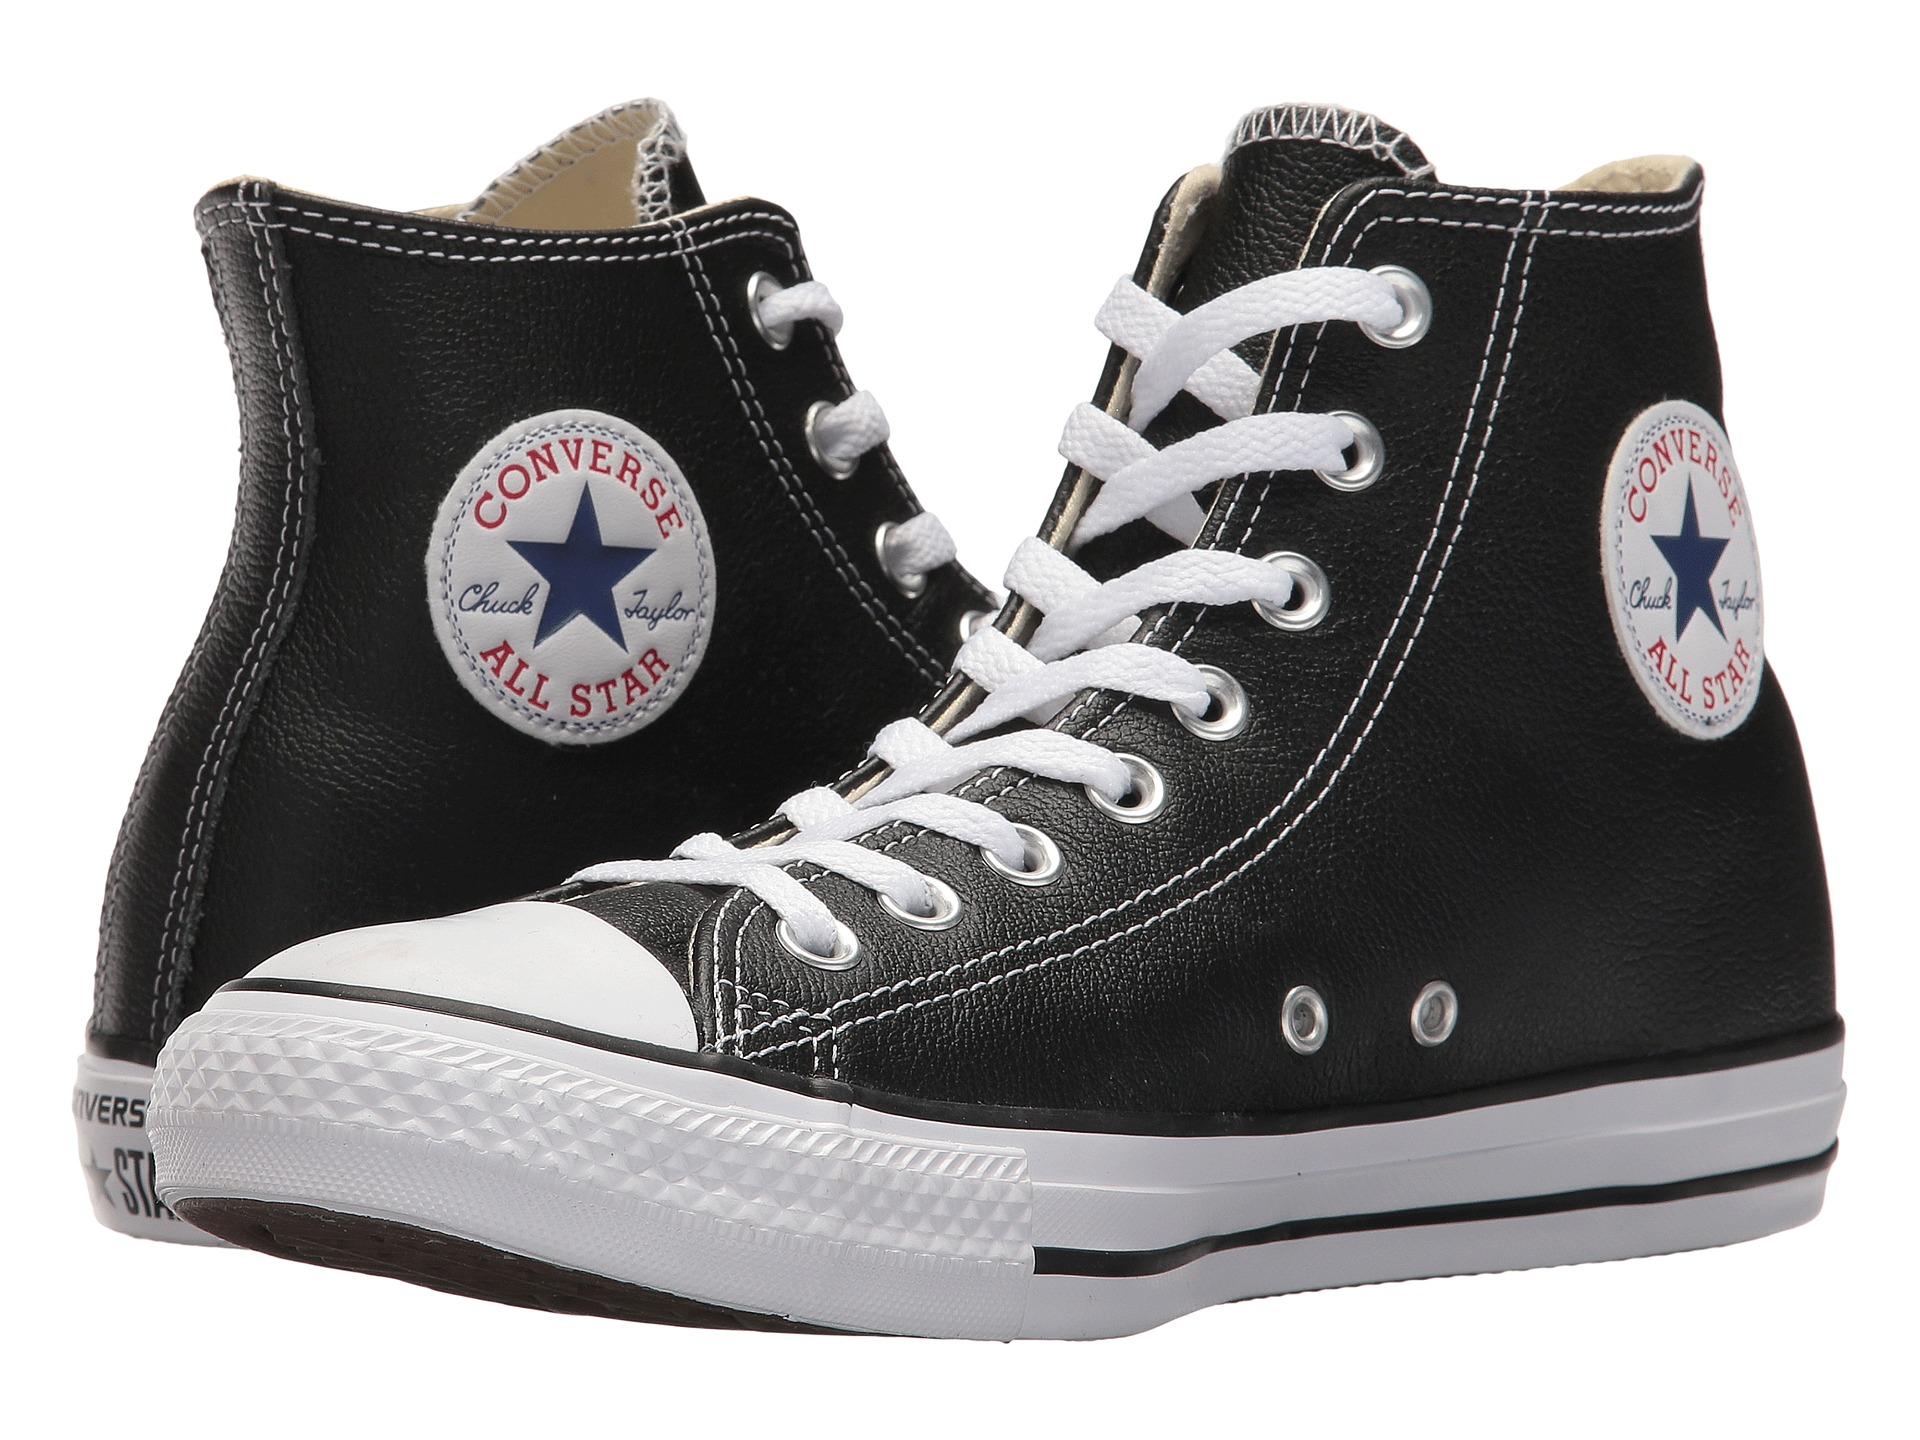 Converse Tennis Shoes Zappos